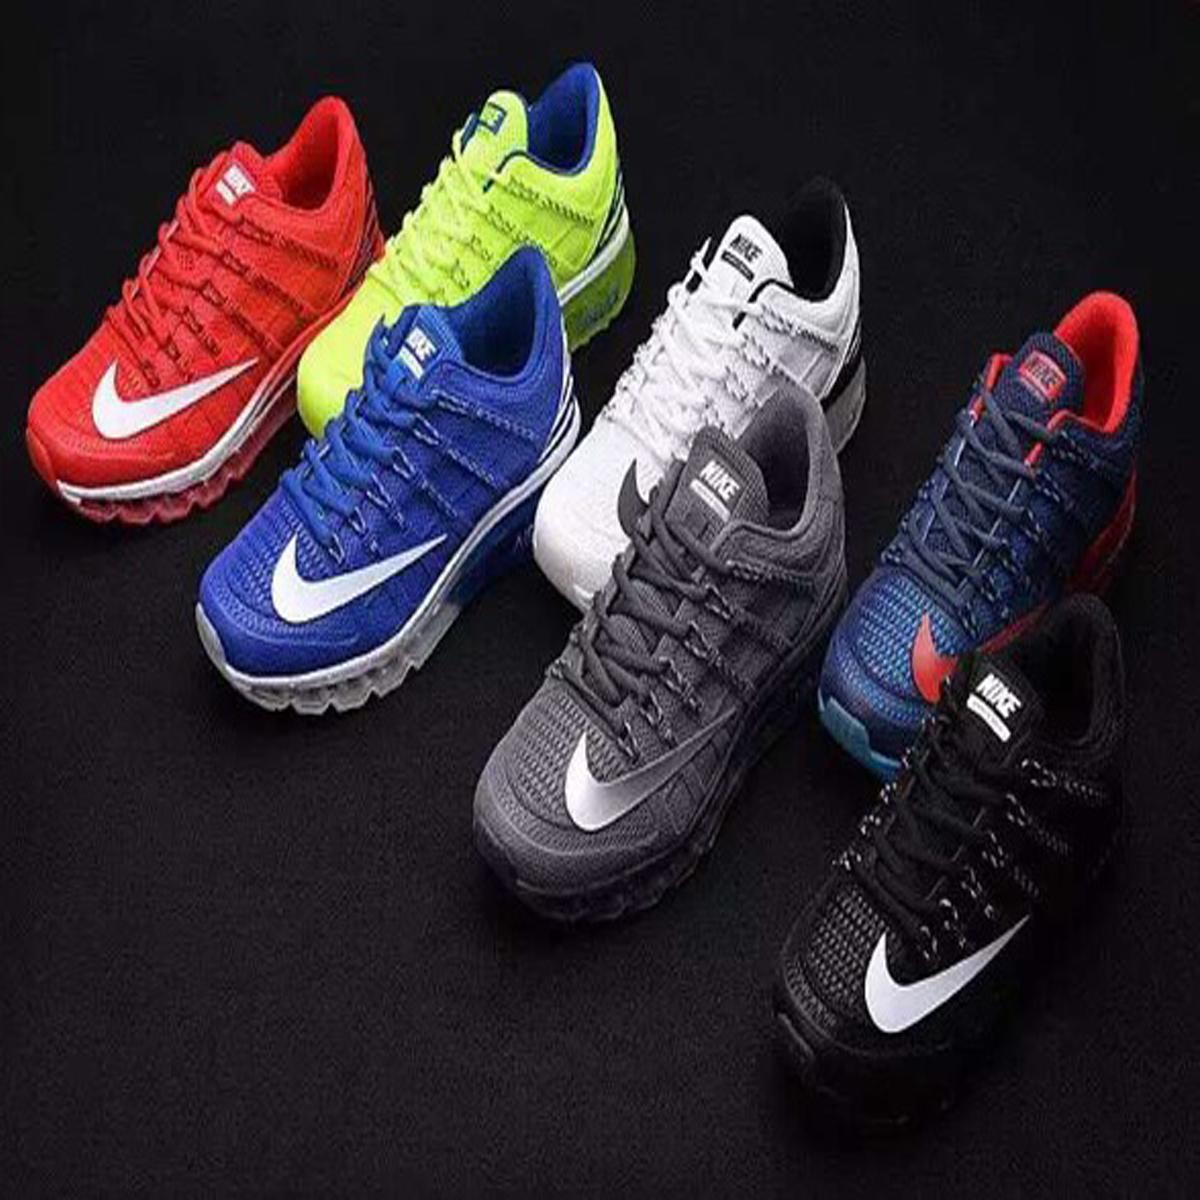 nike shoes for men running